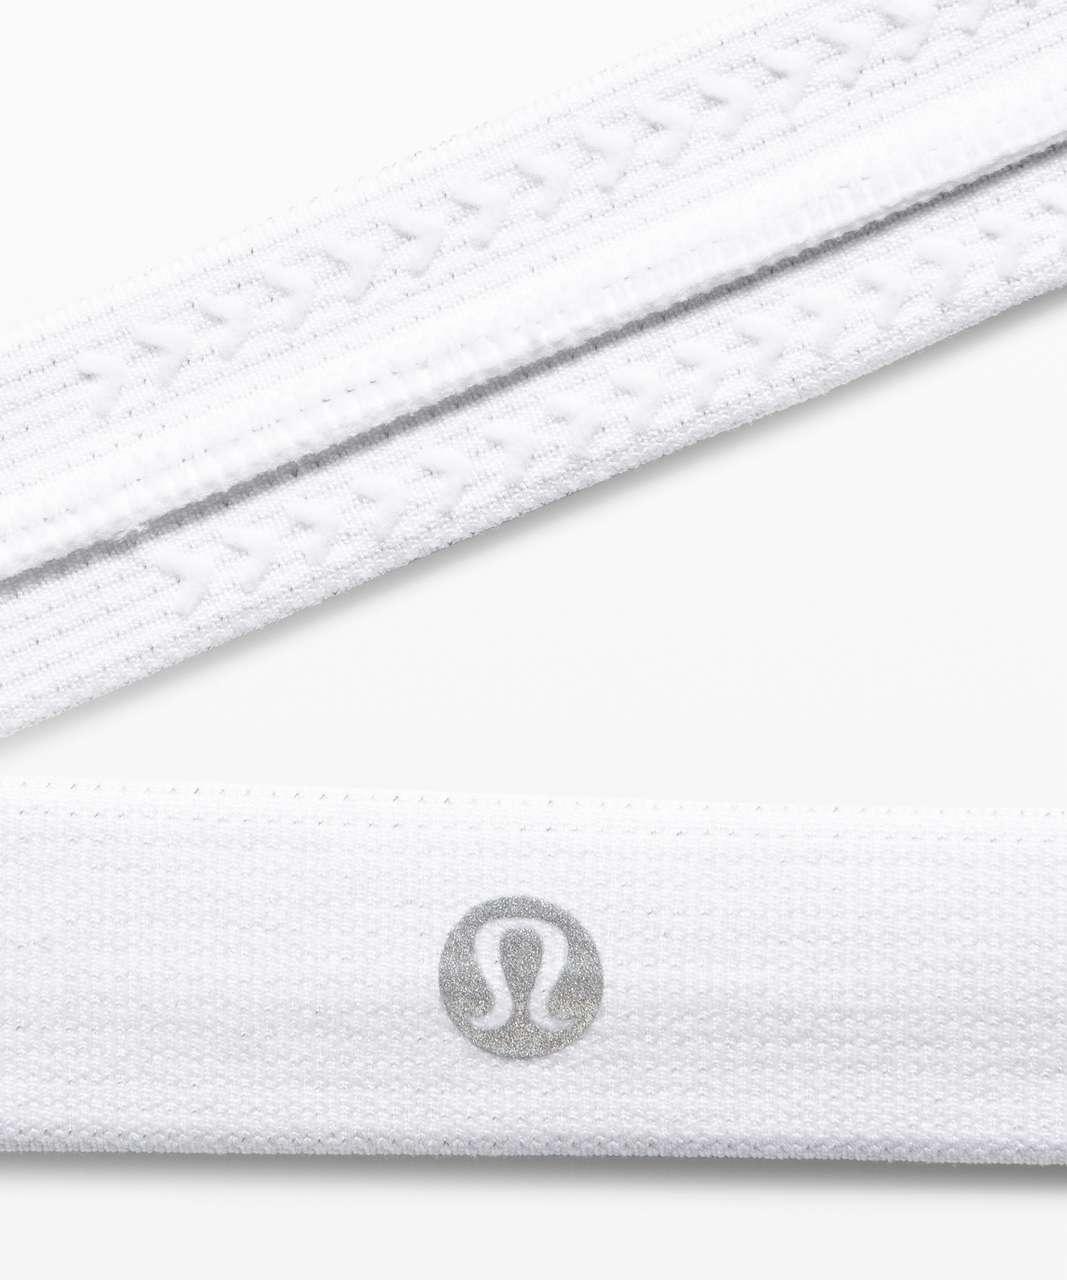 Lululemon Cardio Cross Trainer Headband - White / White